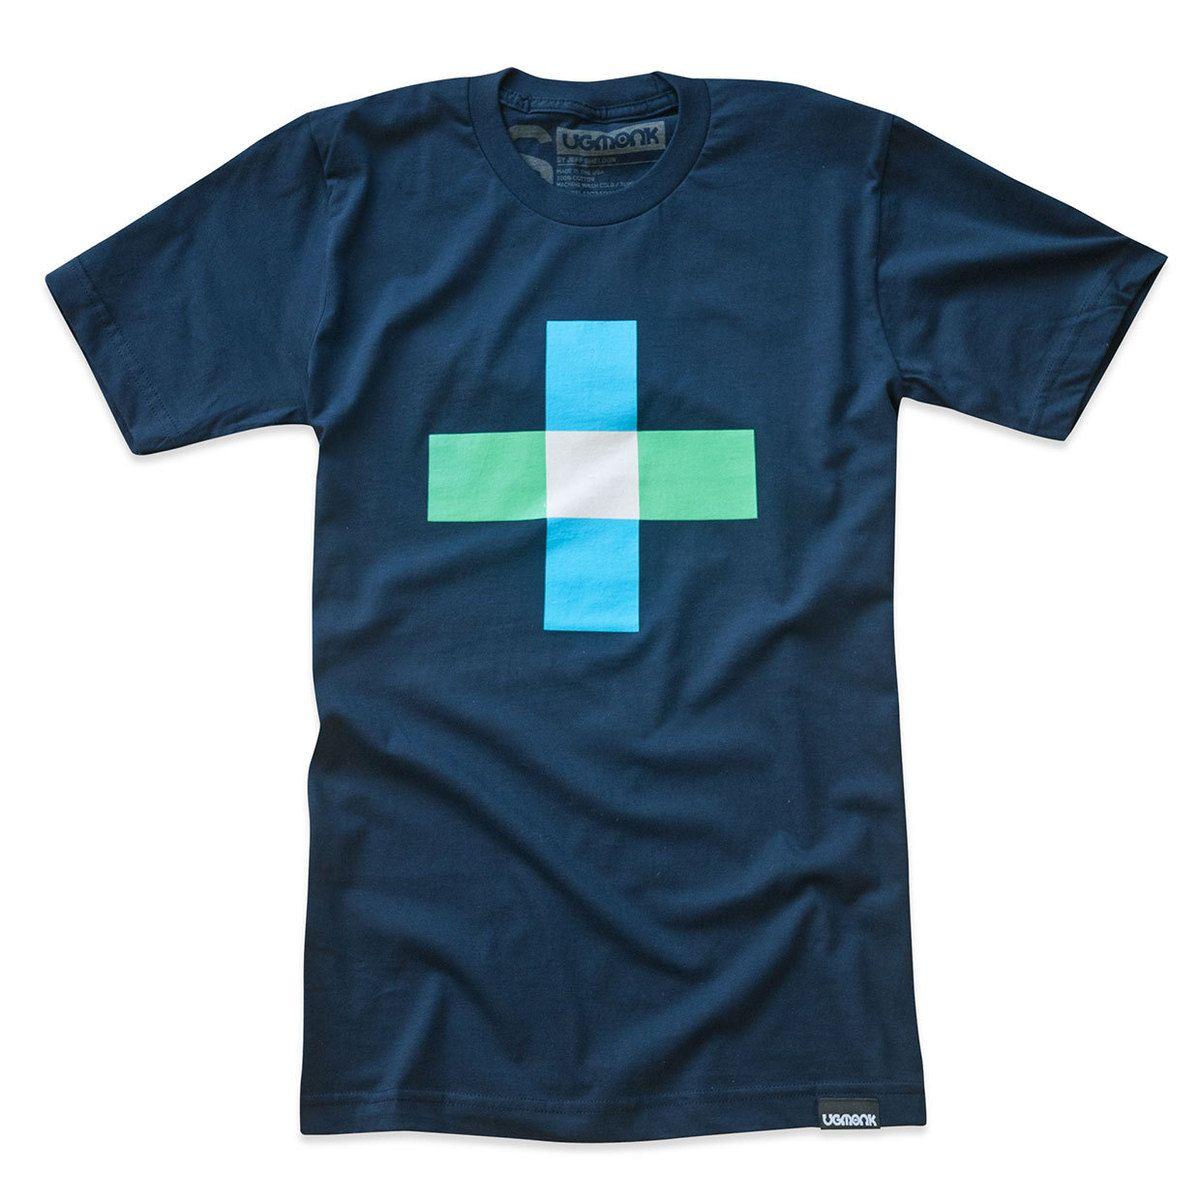 Plus Minus Tee Blue Kaos, Desain, Inspirasi